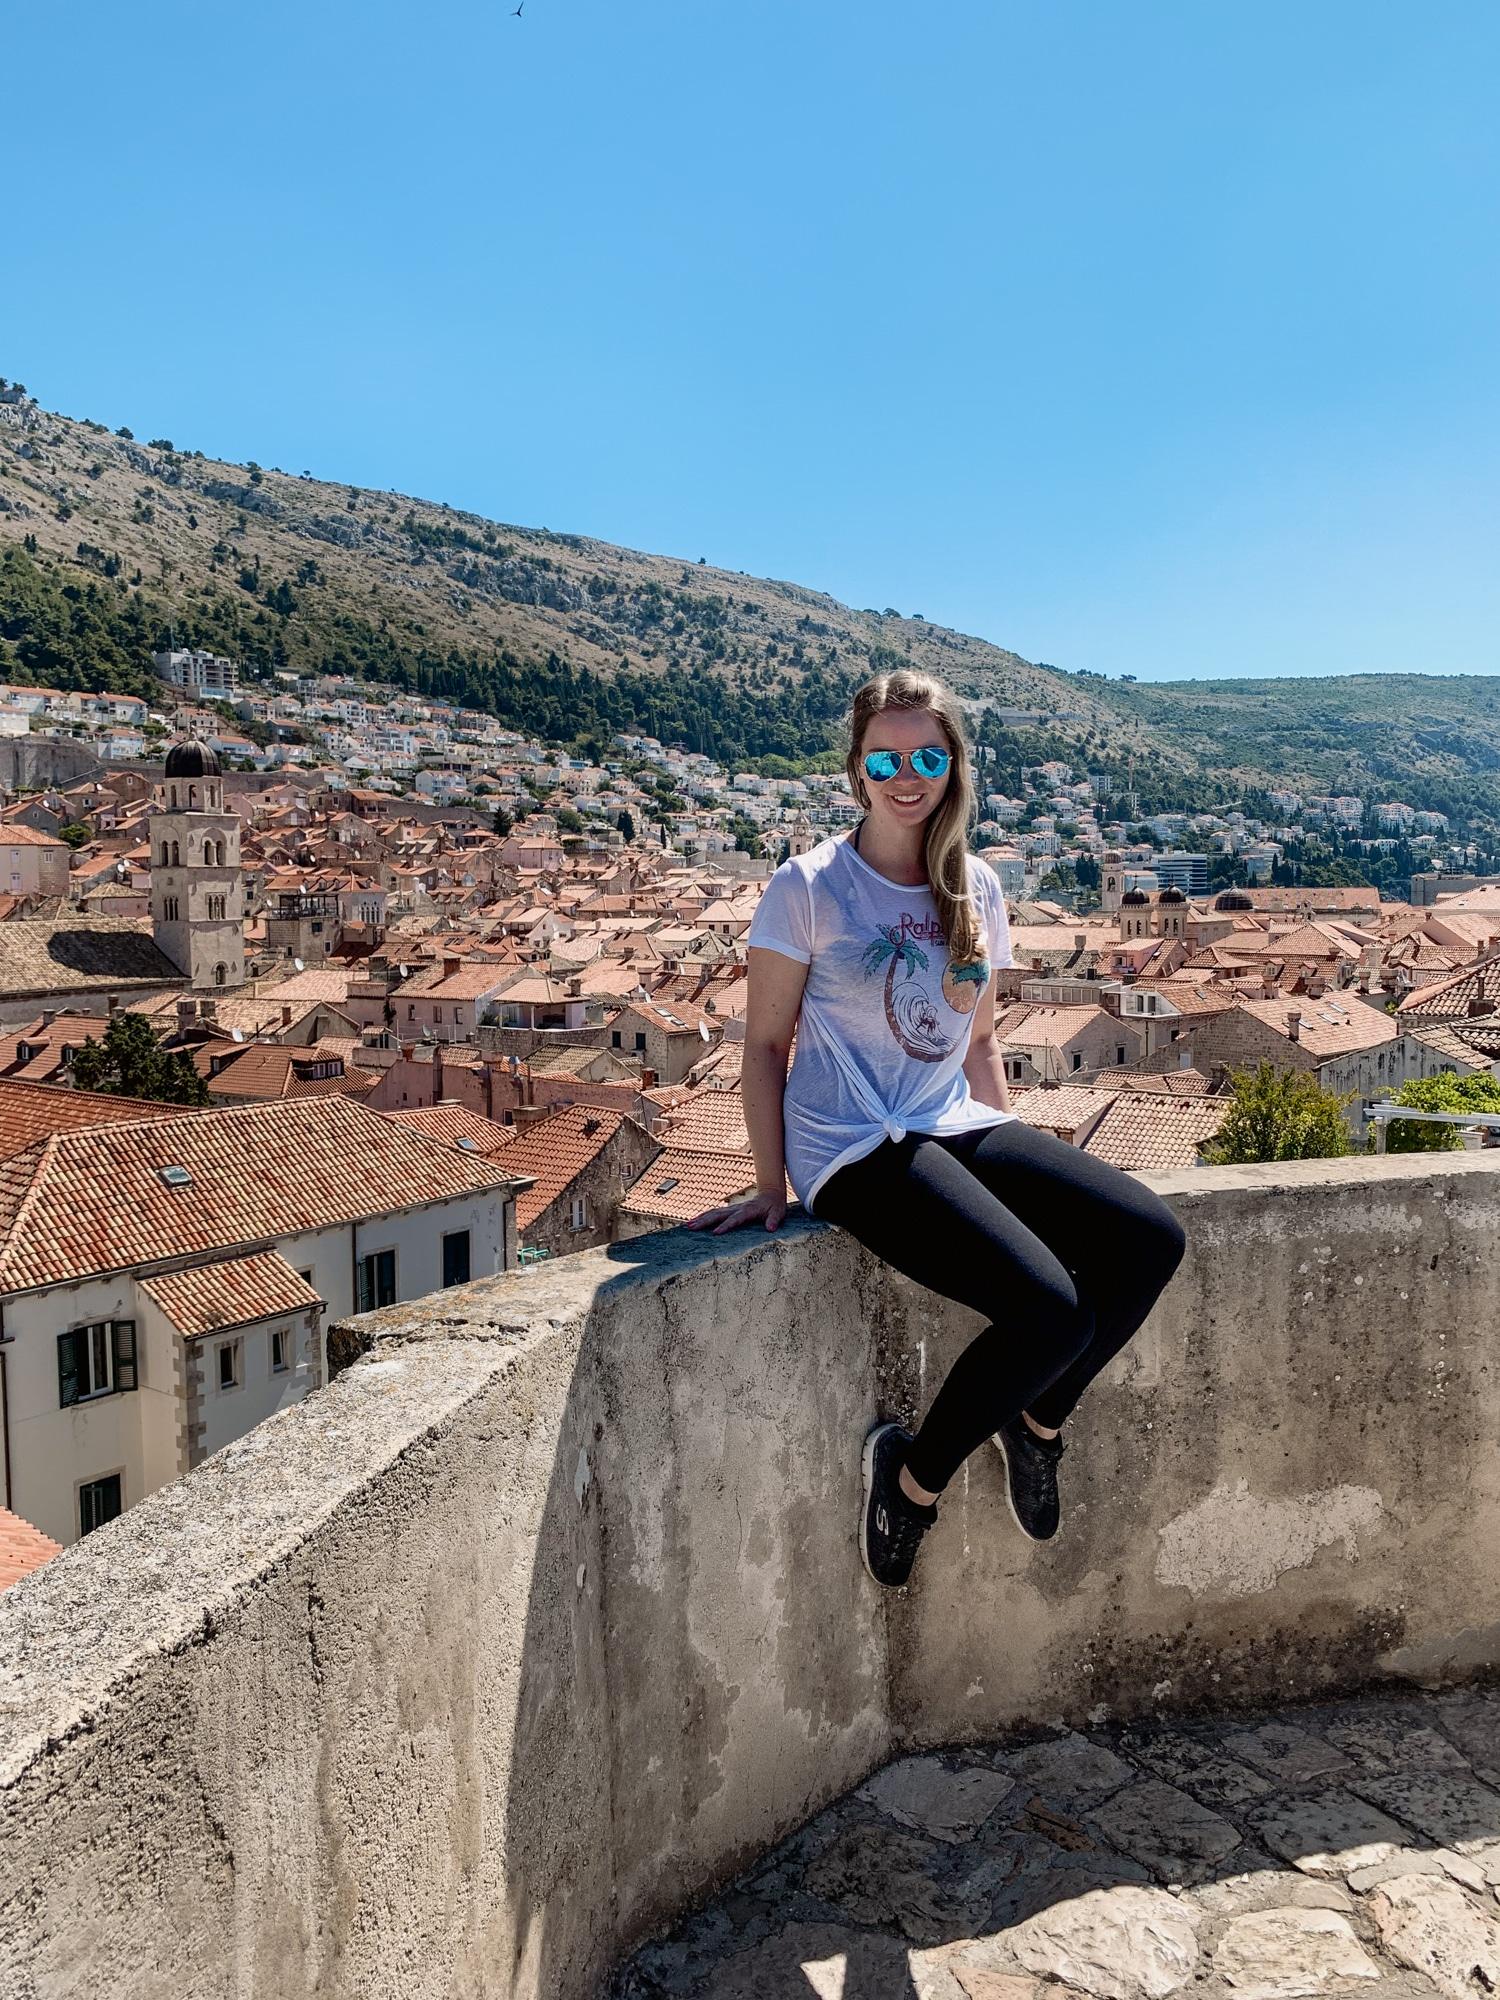 Dubrovnik Sehenswürdigkeiten Top 10: Meine Highlights und Tipps - Altstadt Aussicht Mauer